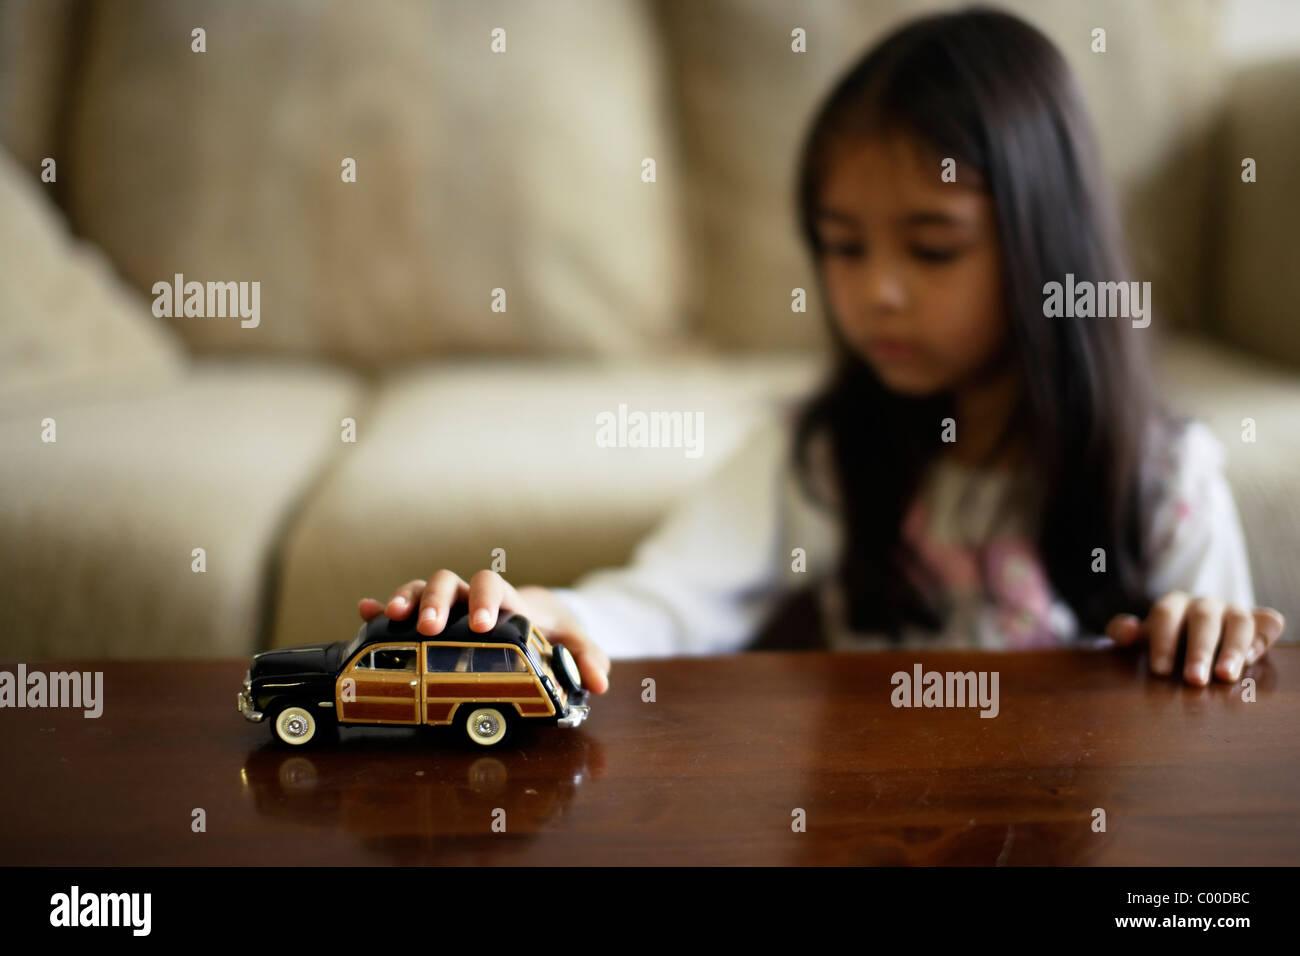 Menina brinca com brinquedos carros Imagens de Stock